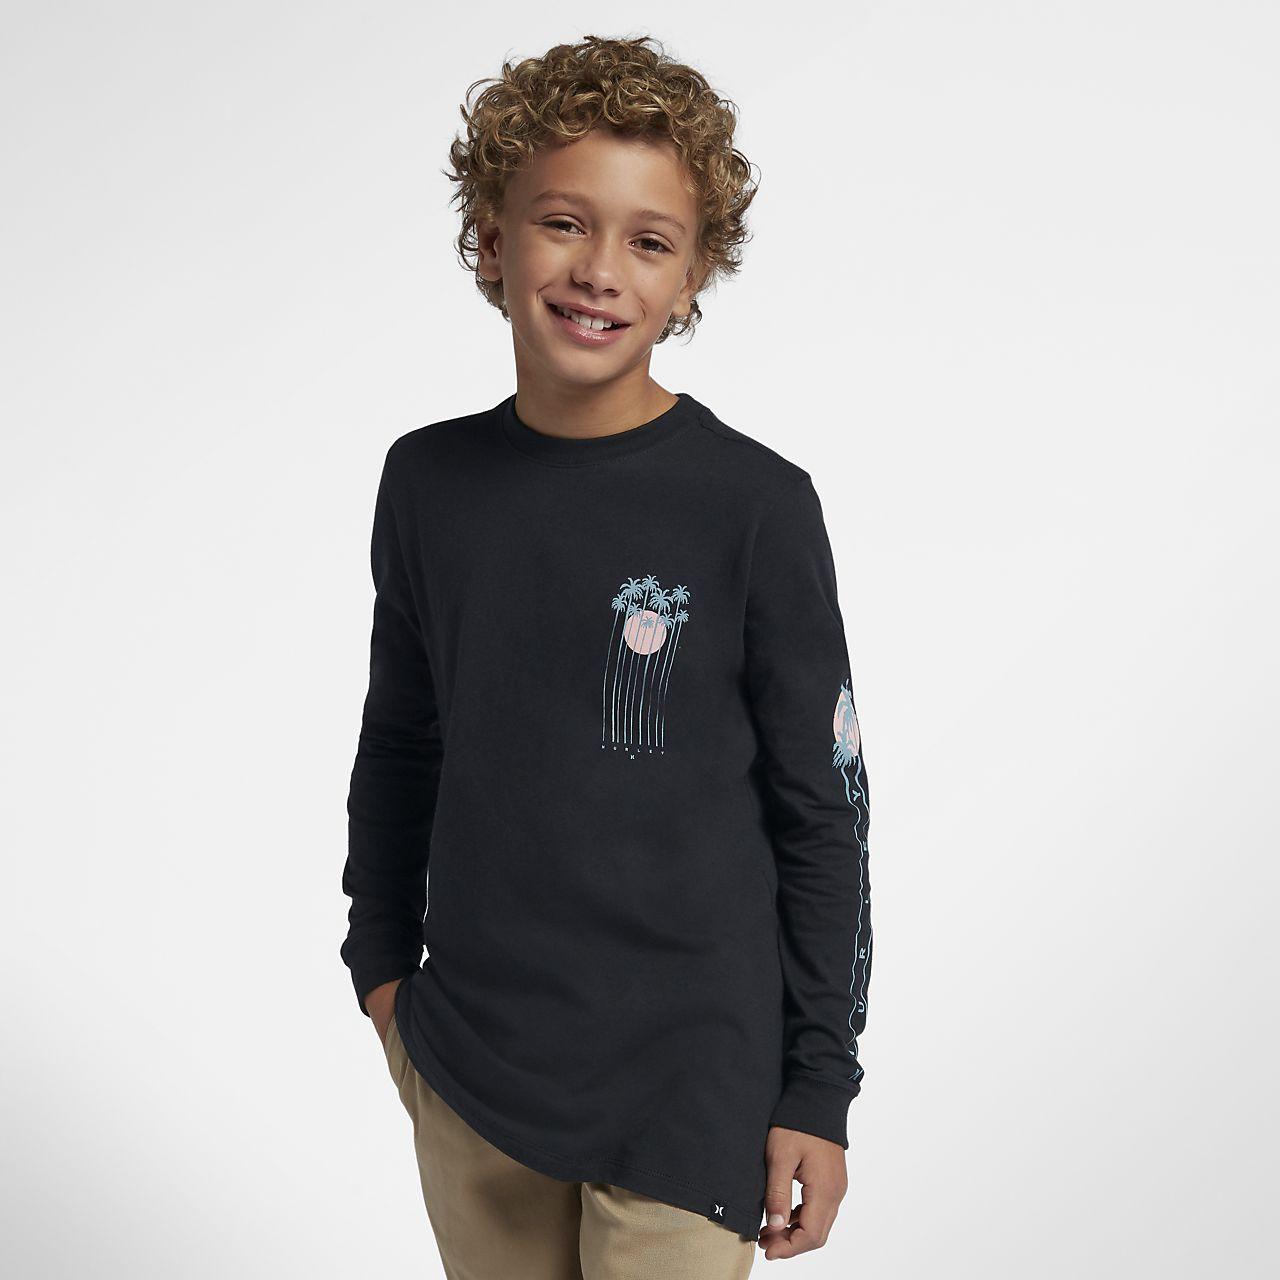 Hurley Premium Hidden Palms Erkek Çocuk Tişörtü